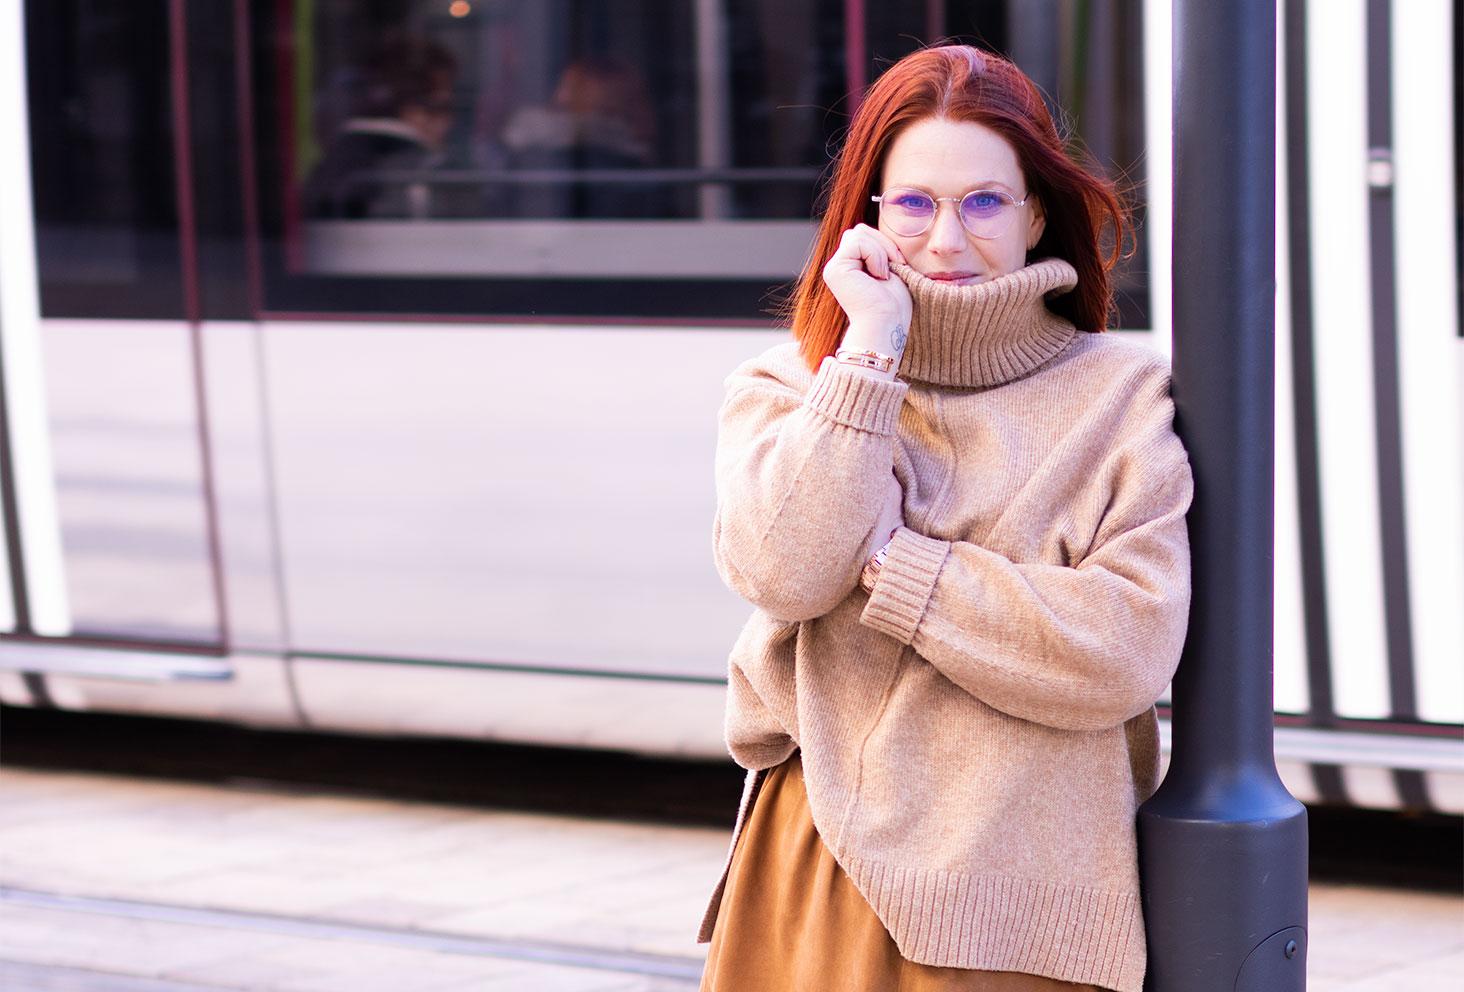 Contre un poteau devant le tramway, au milieu de la rue, le col roulé du pull remonté et les cheveux dans le vent